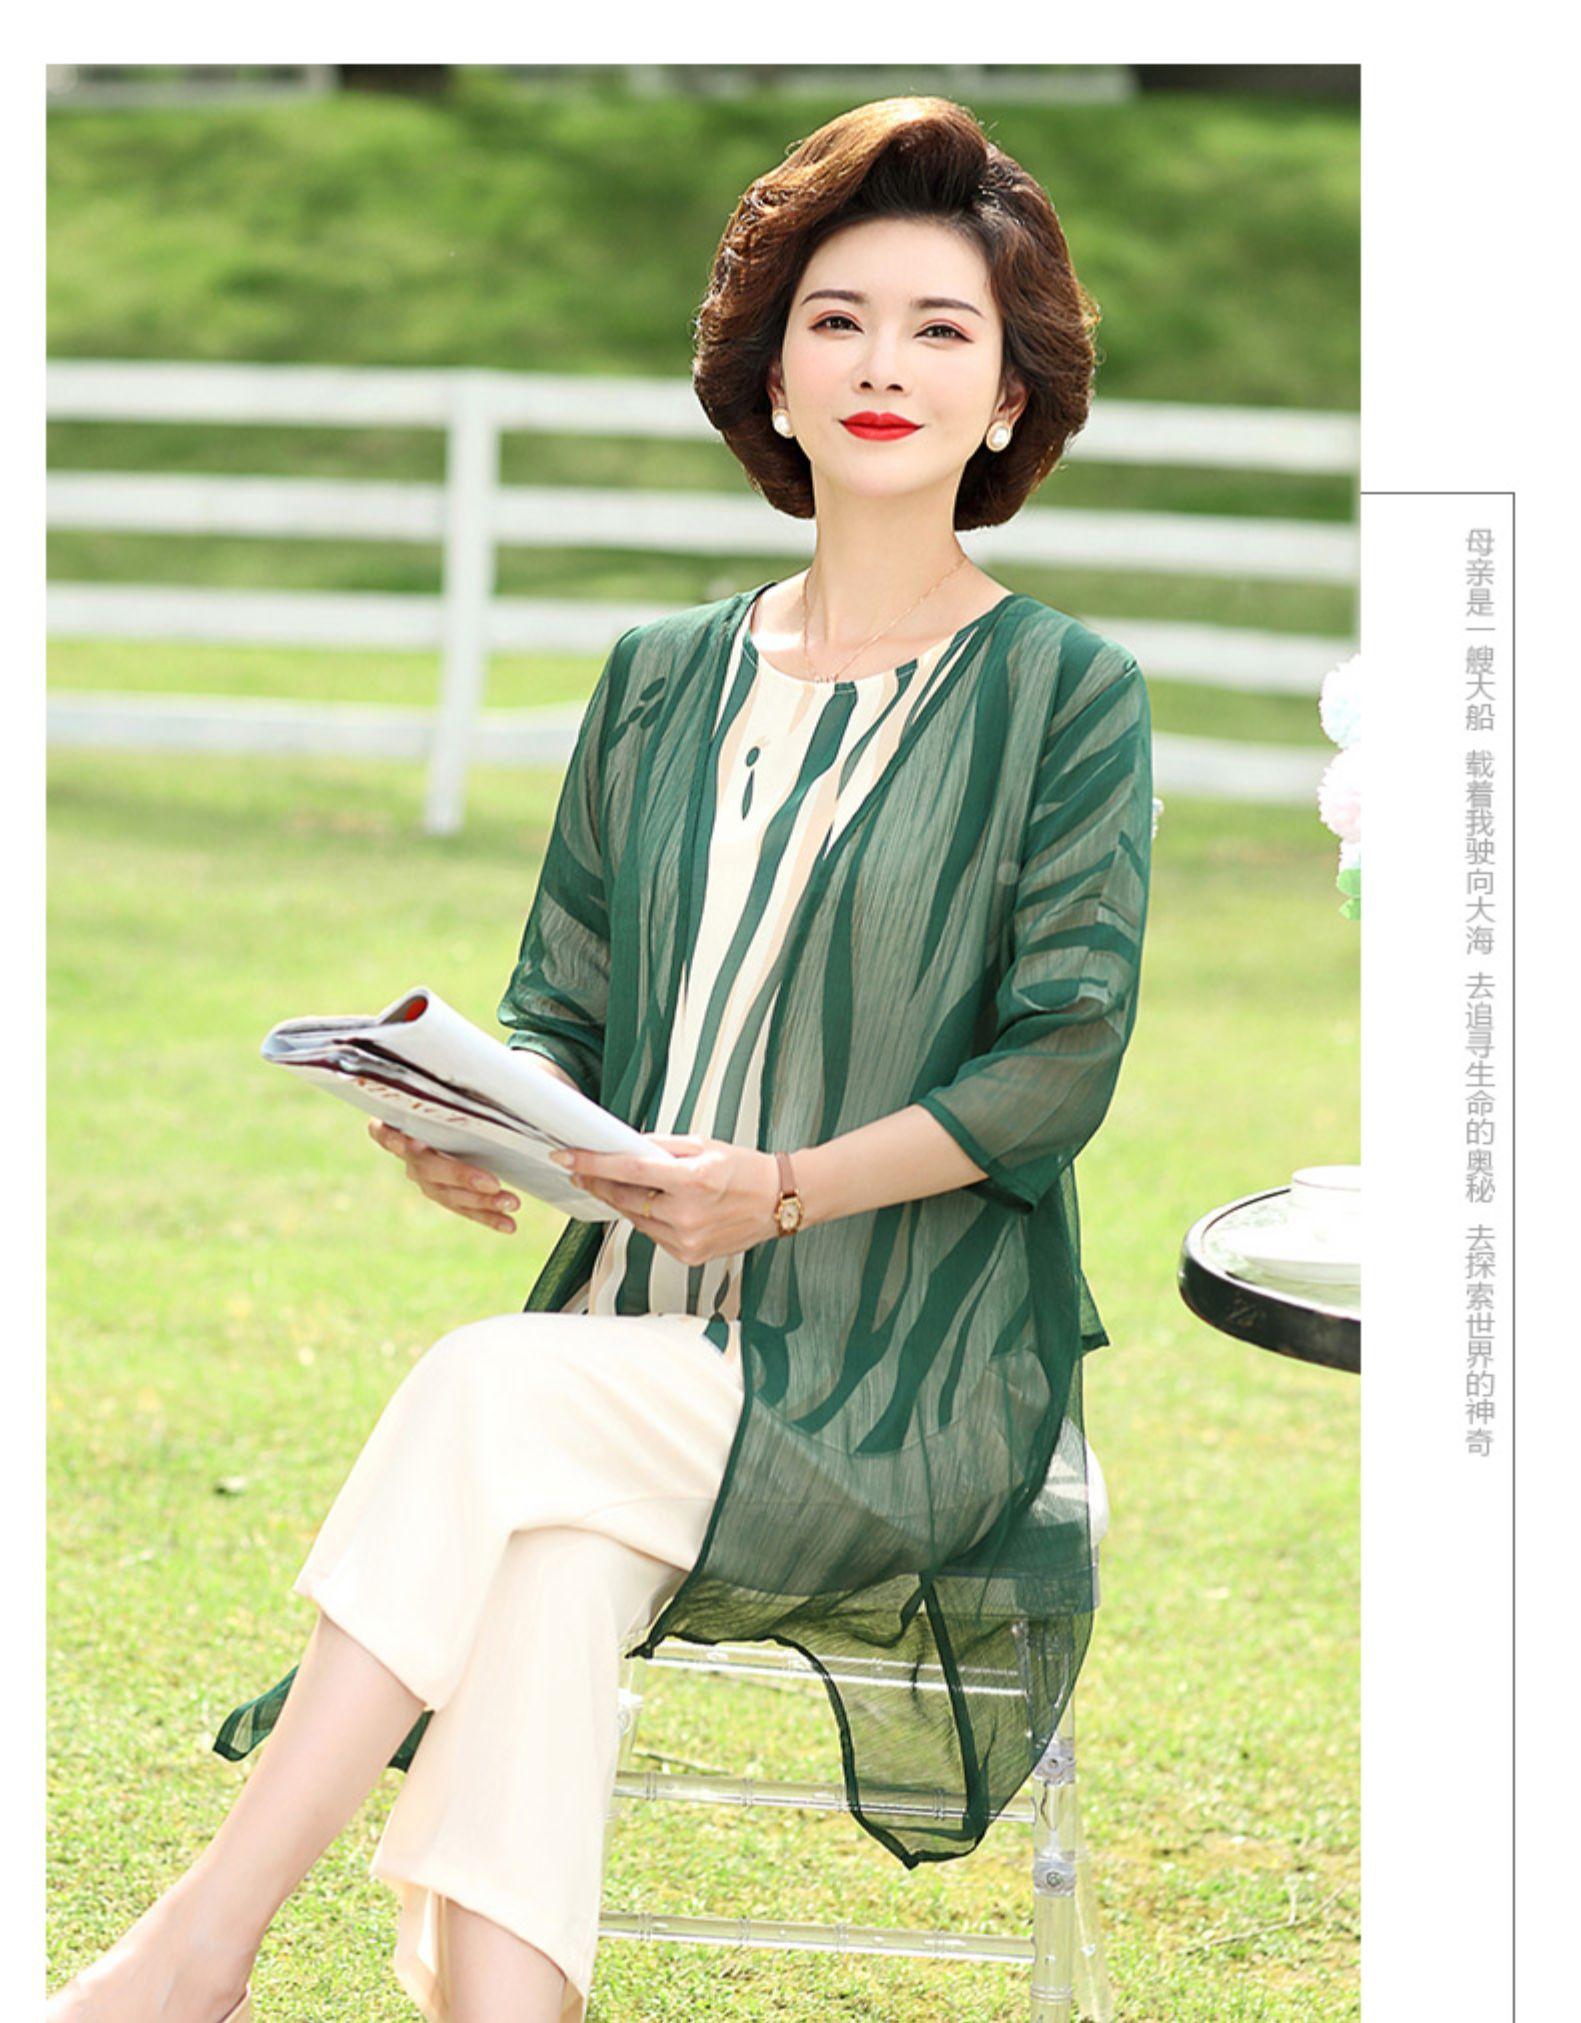 中年妈妈夏装女装套装中老年两件套大尺码洋派新款春装上衣服详细照片